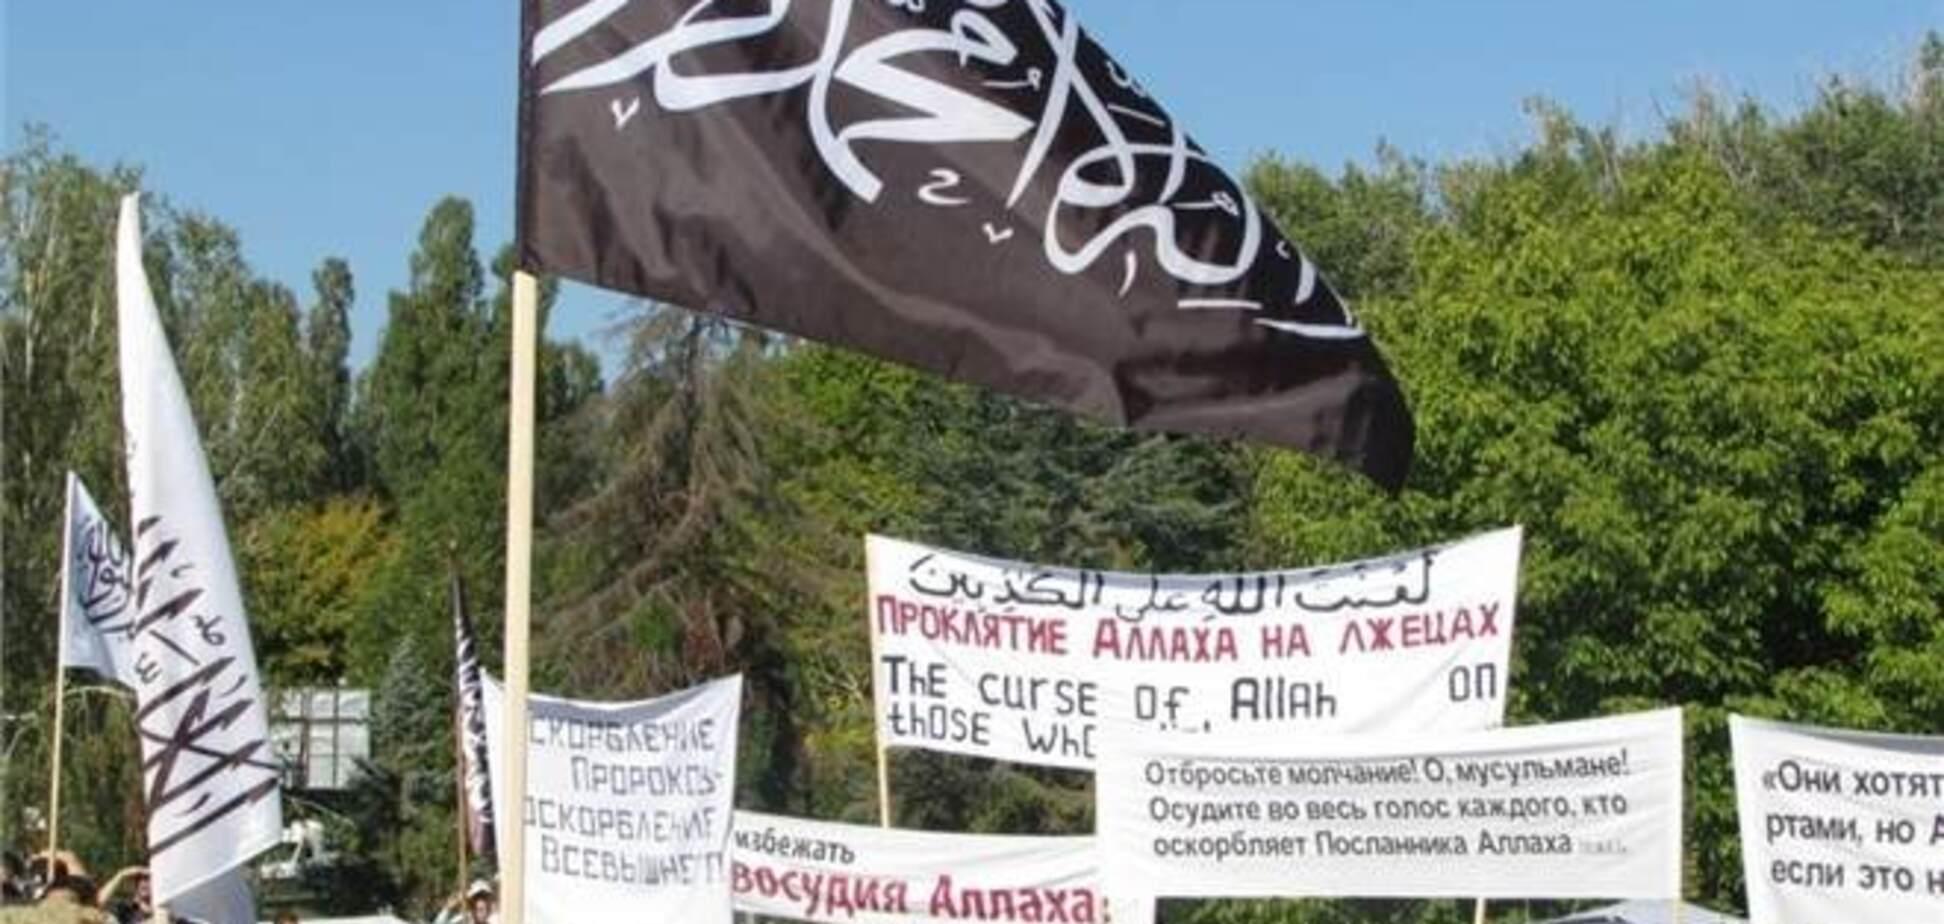 Ісламісти Криму відхрестилися від агітації за 'допомогу Сирії'